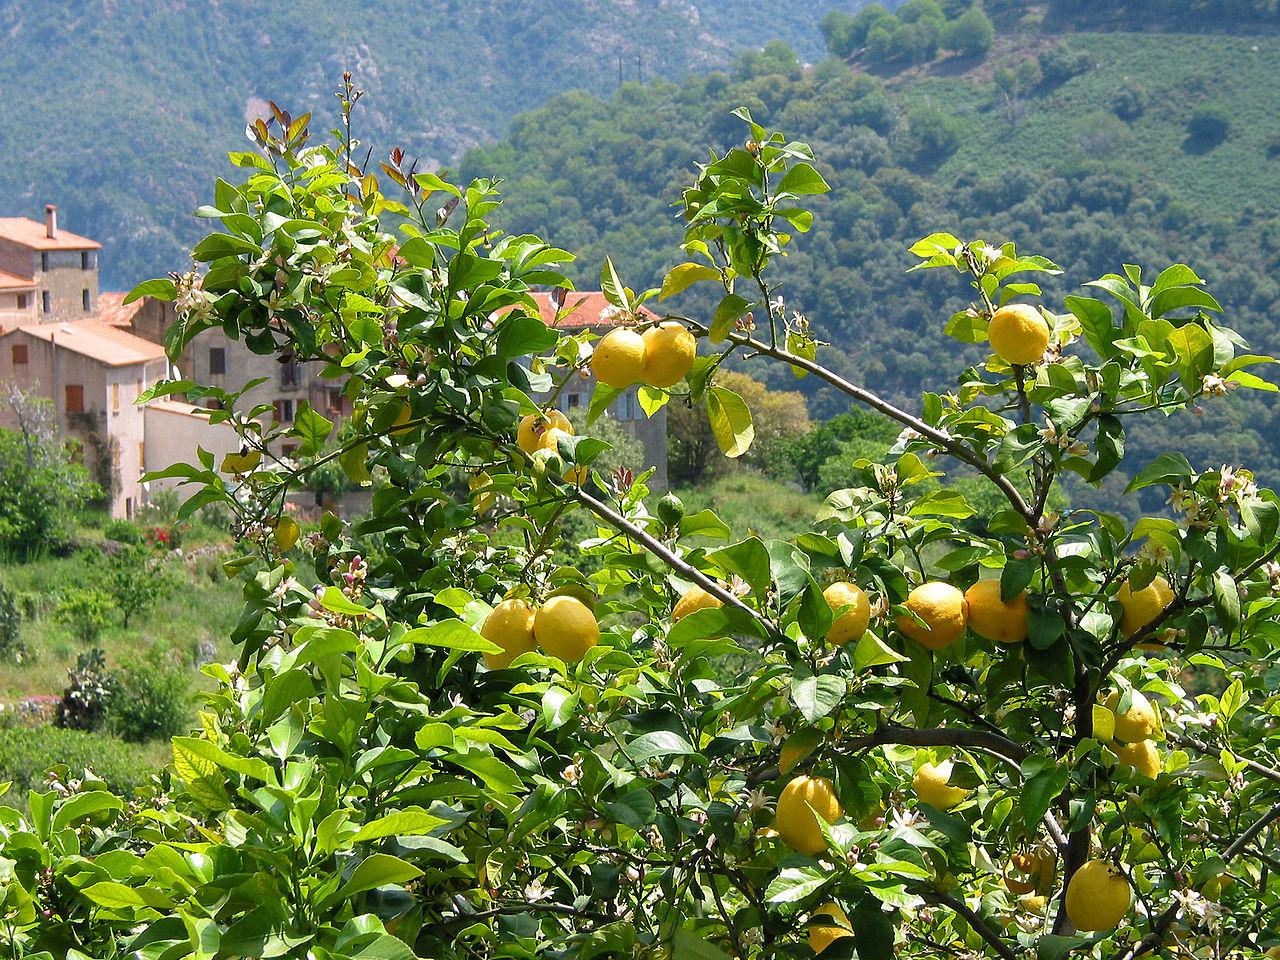 Vista del limonero